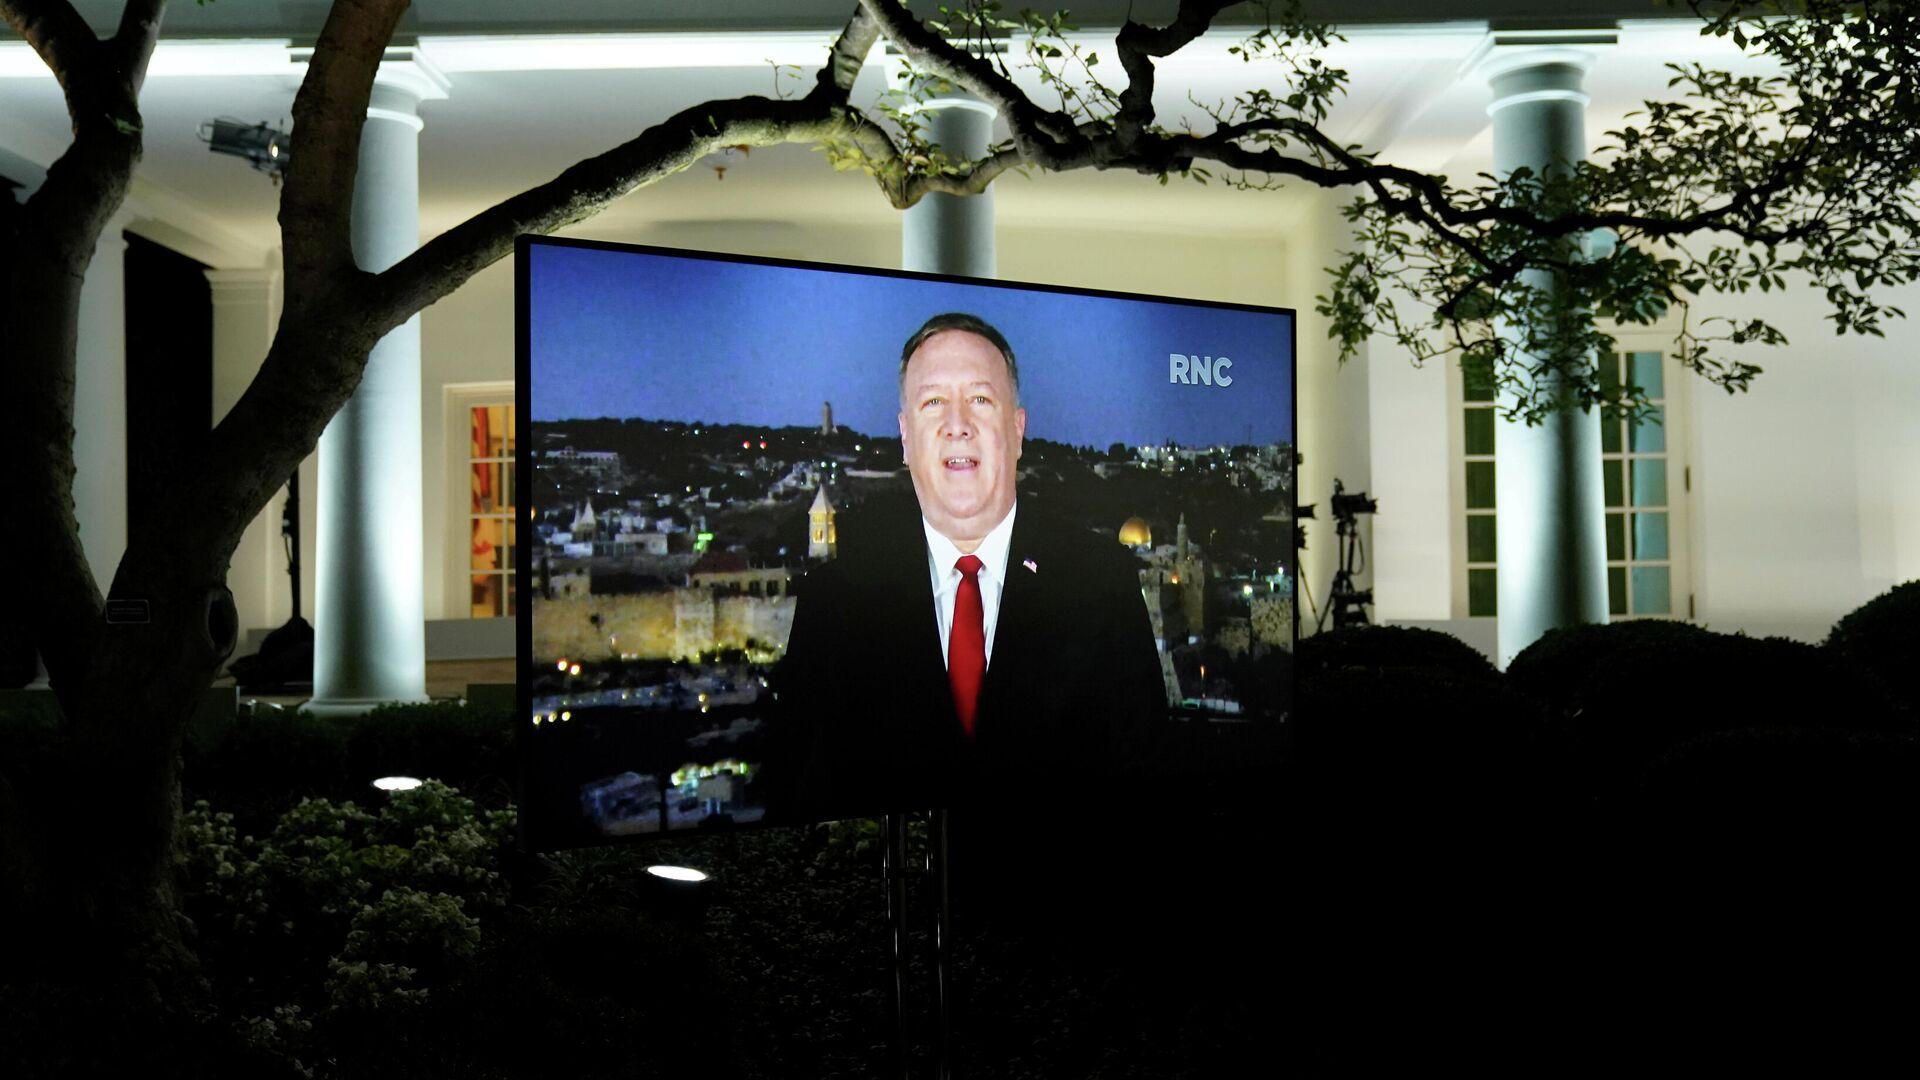 Госсекретарь США Майк Помпео на мониторе, установленном в Розовом саду Белого дома - РИА Новости, 1920, 27.08.2020